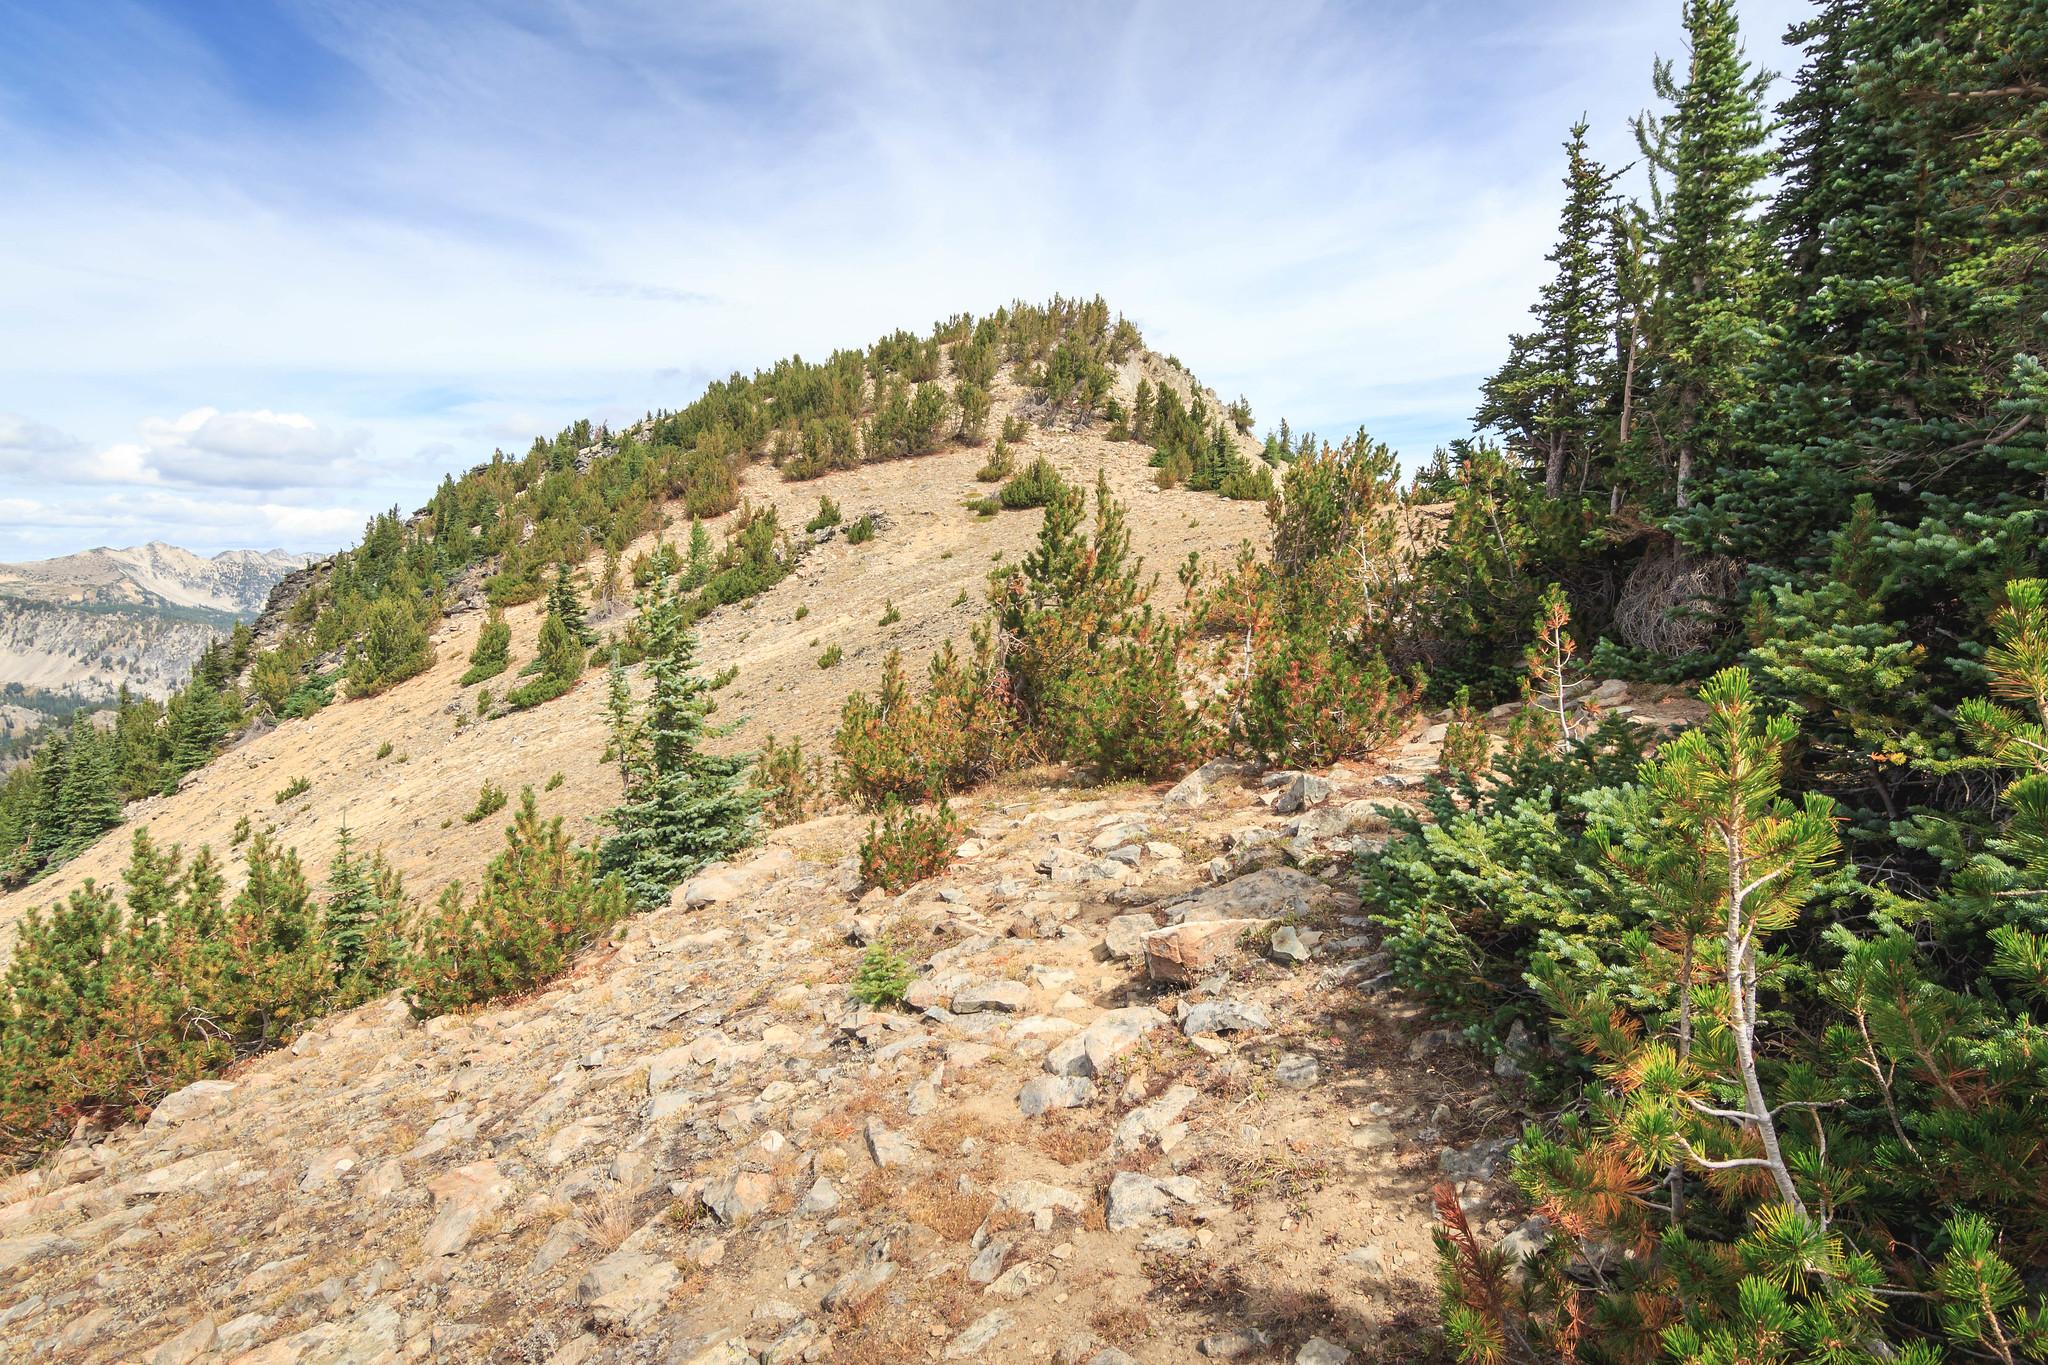 North Navarre Peak summit up ahead